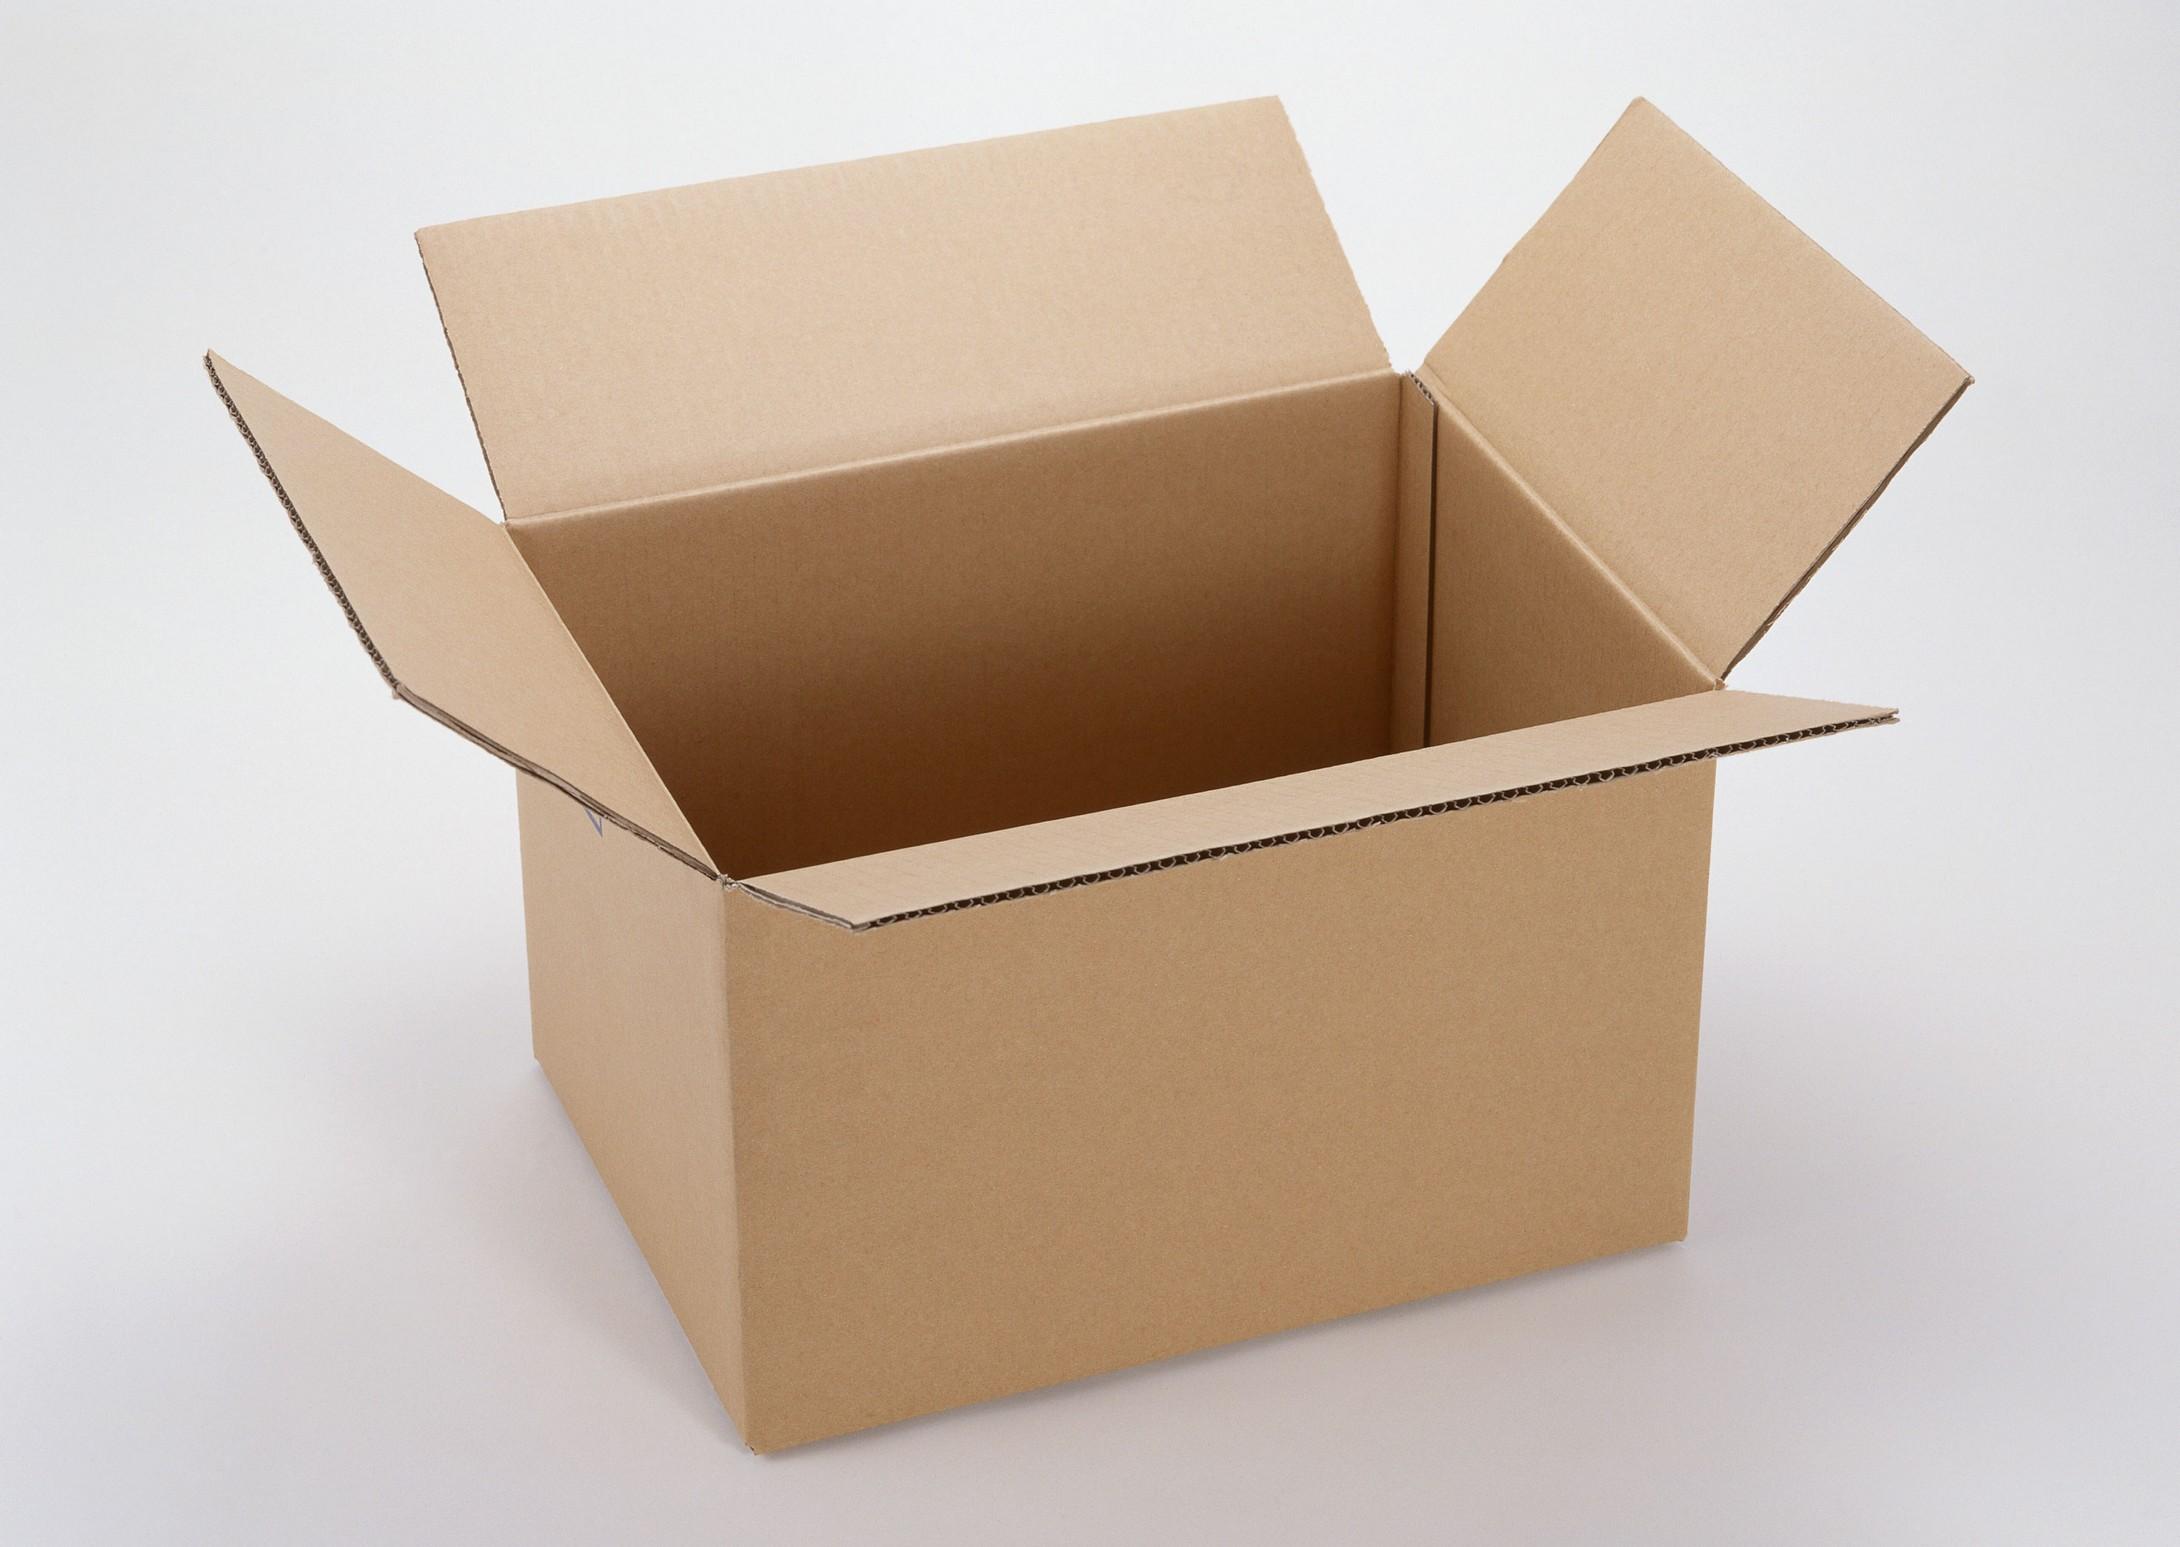 哈尔滨纸箱厂实施知识管理的重要性